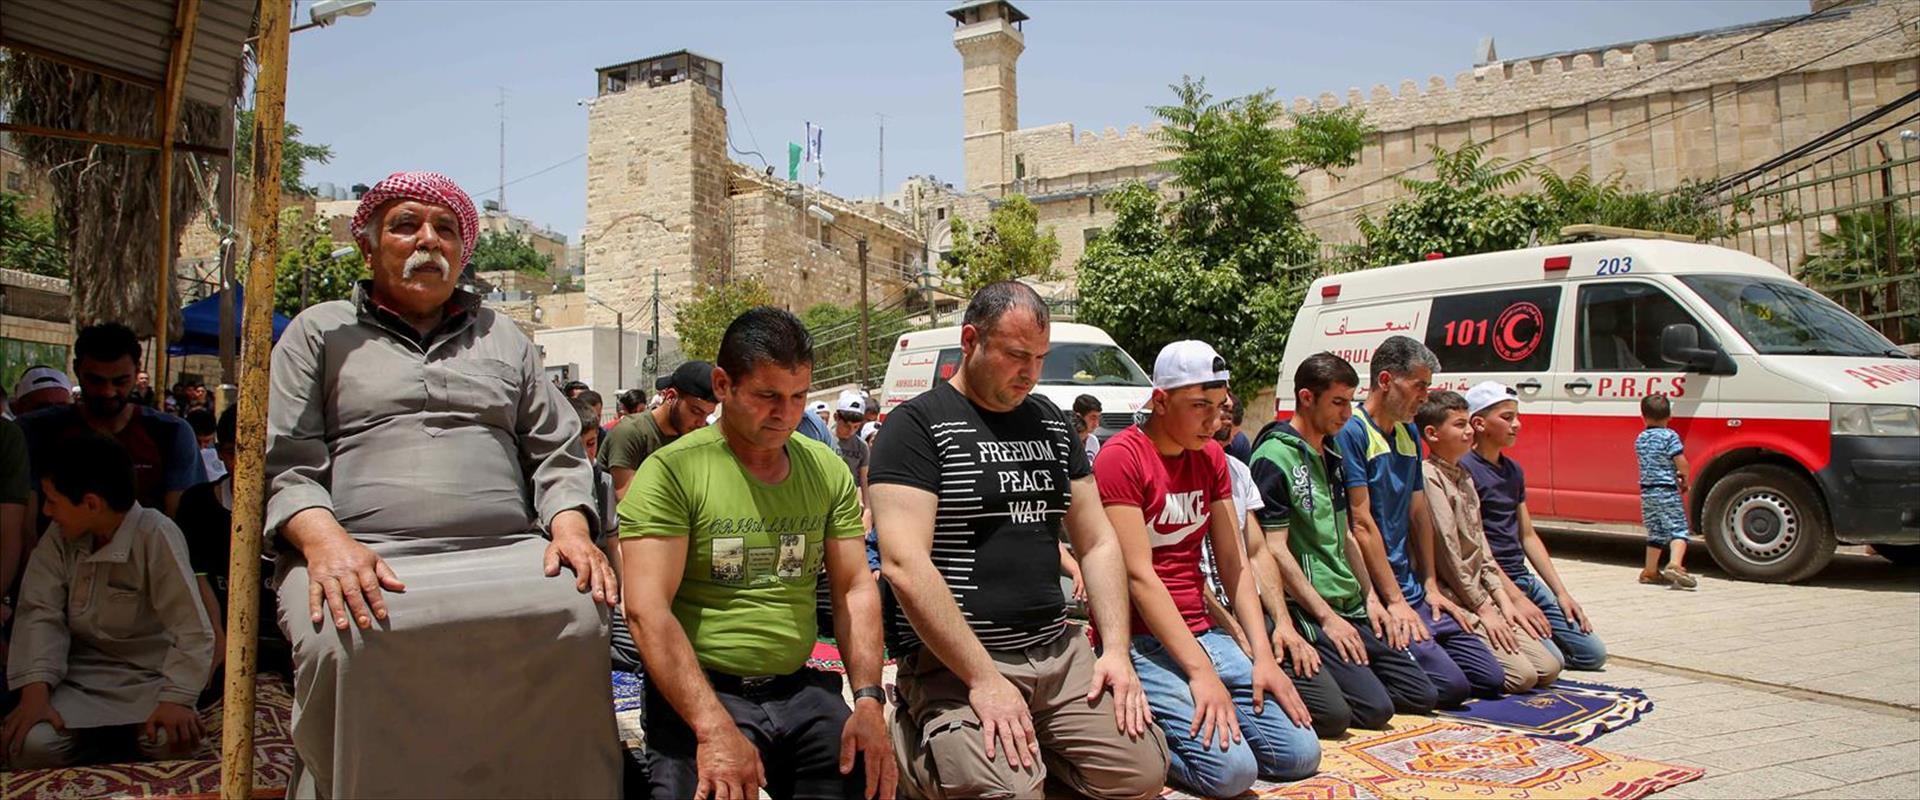 תפילה ברמדאן בחברון